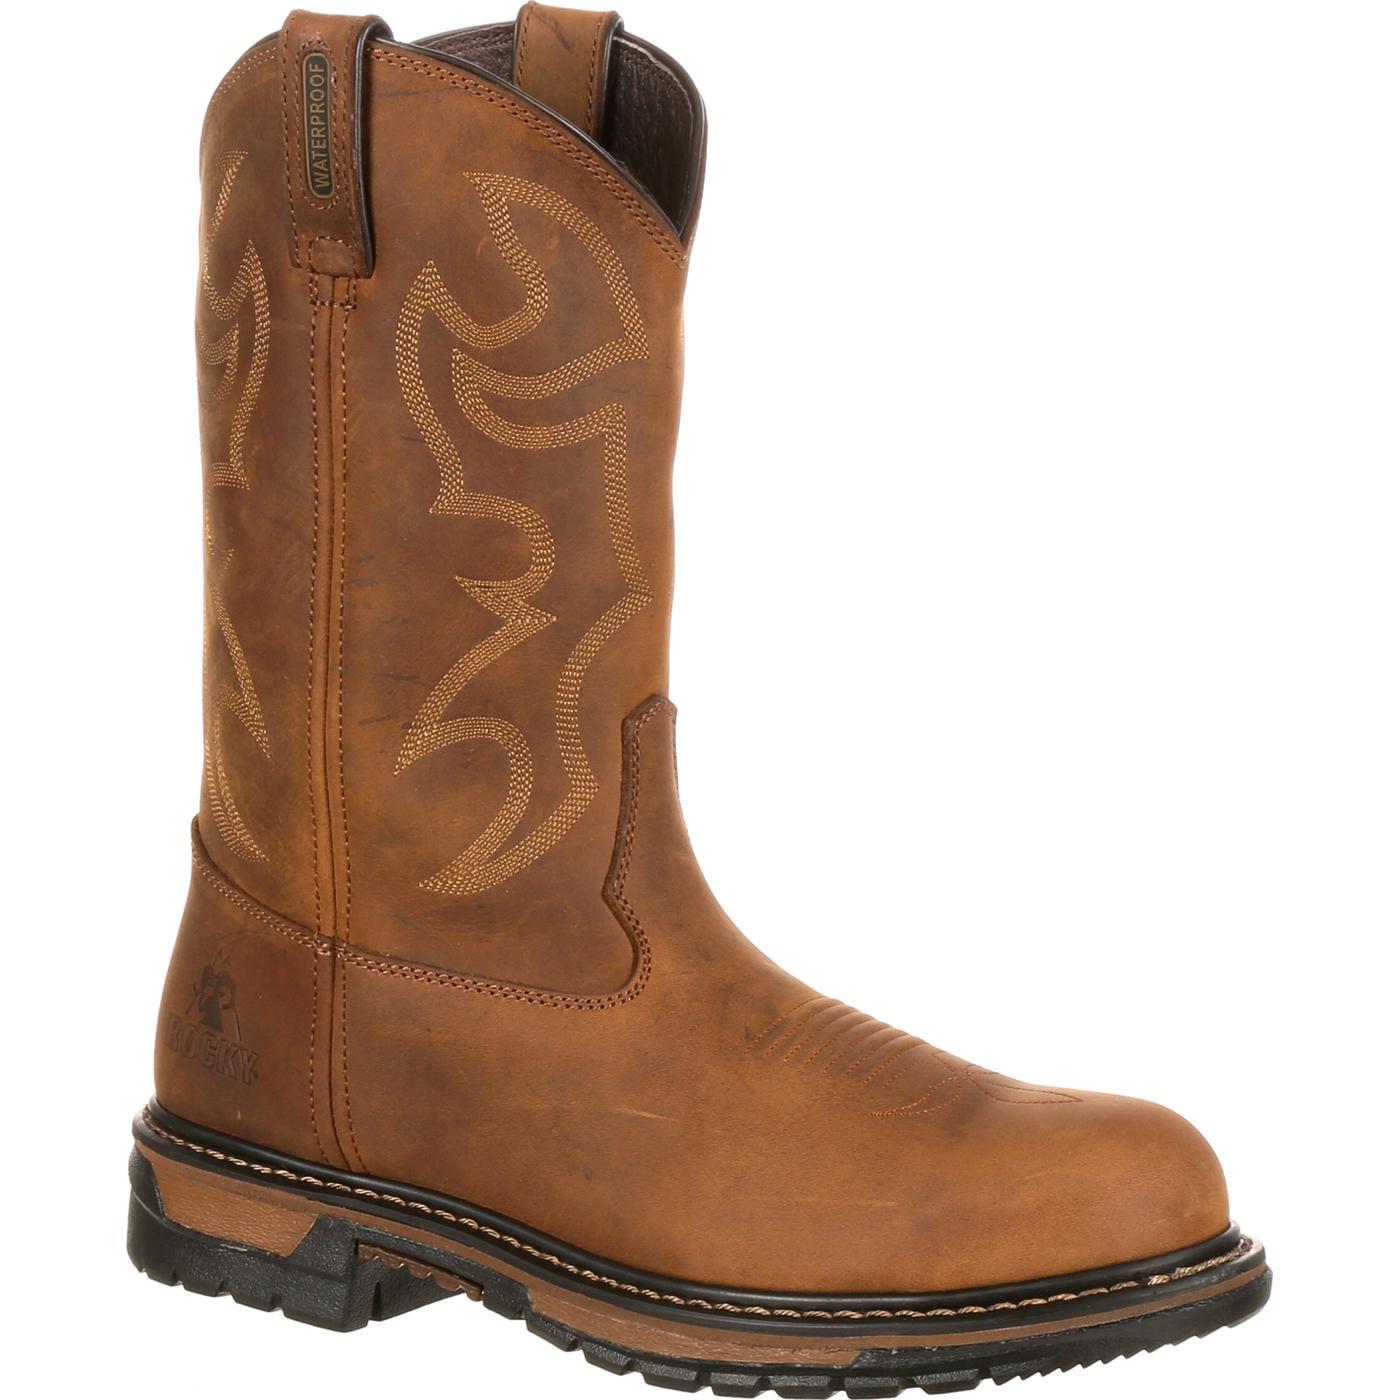 rocky boots rocky original ride branson steel toe waterproof western boots, , large hskcntk